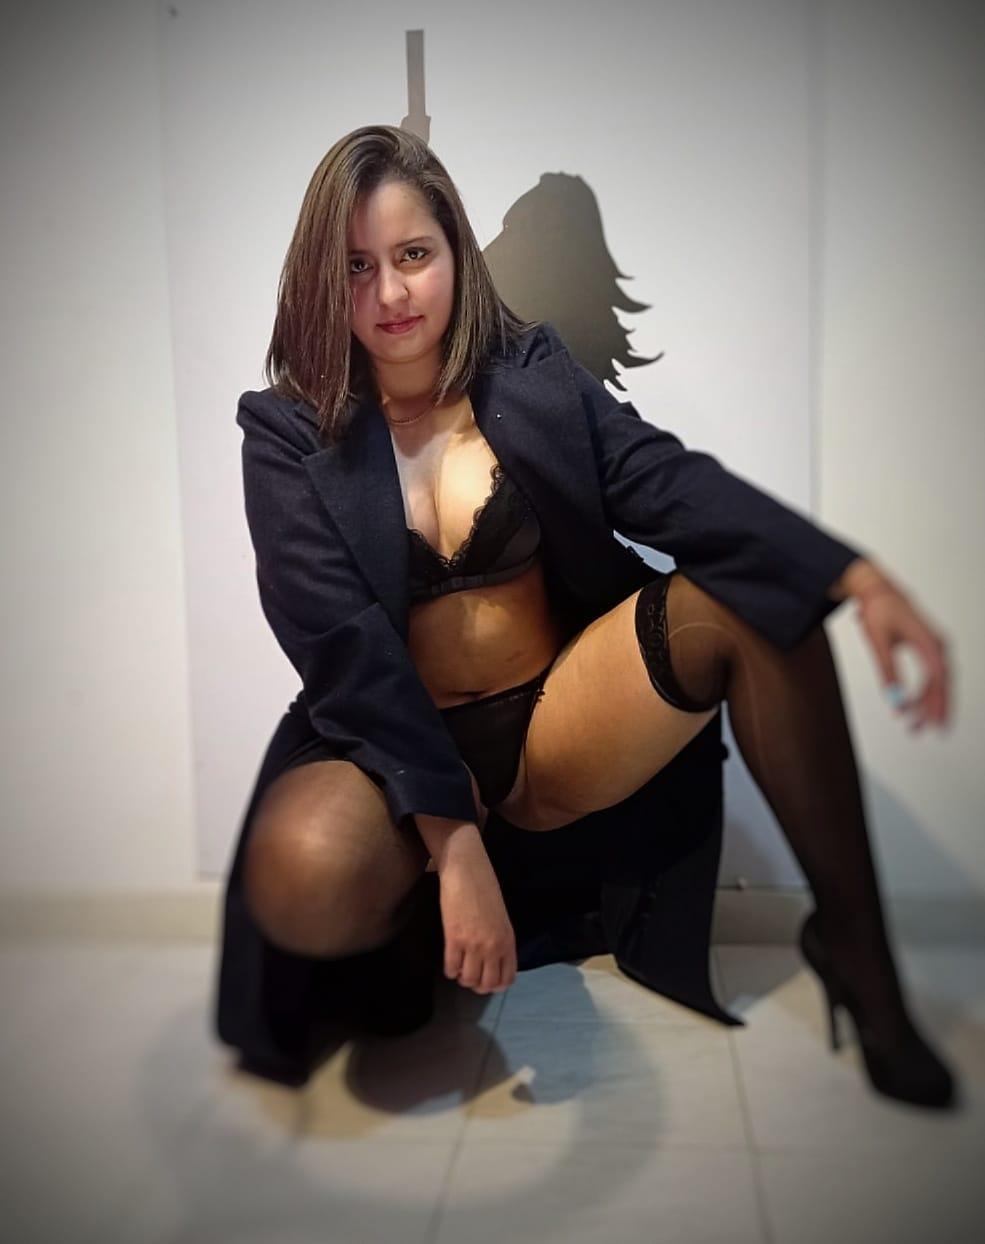 goddesstephanie live cam on Cam4.com